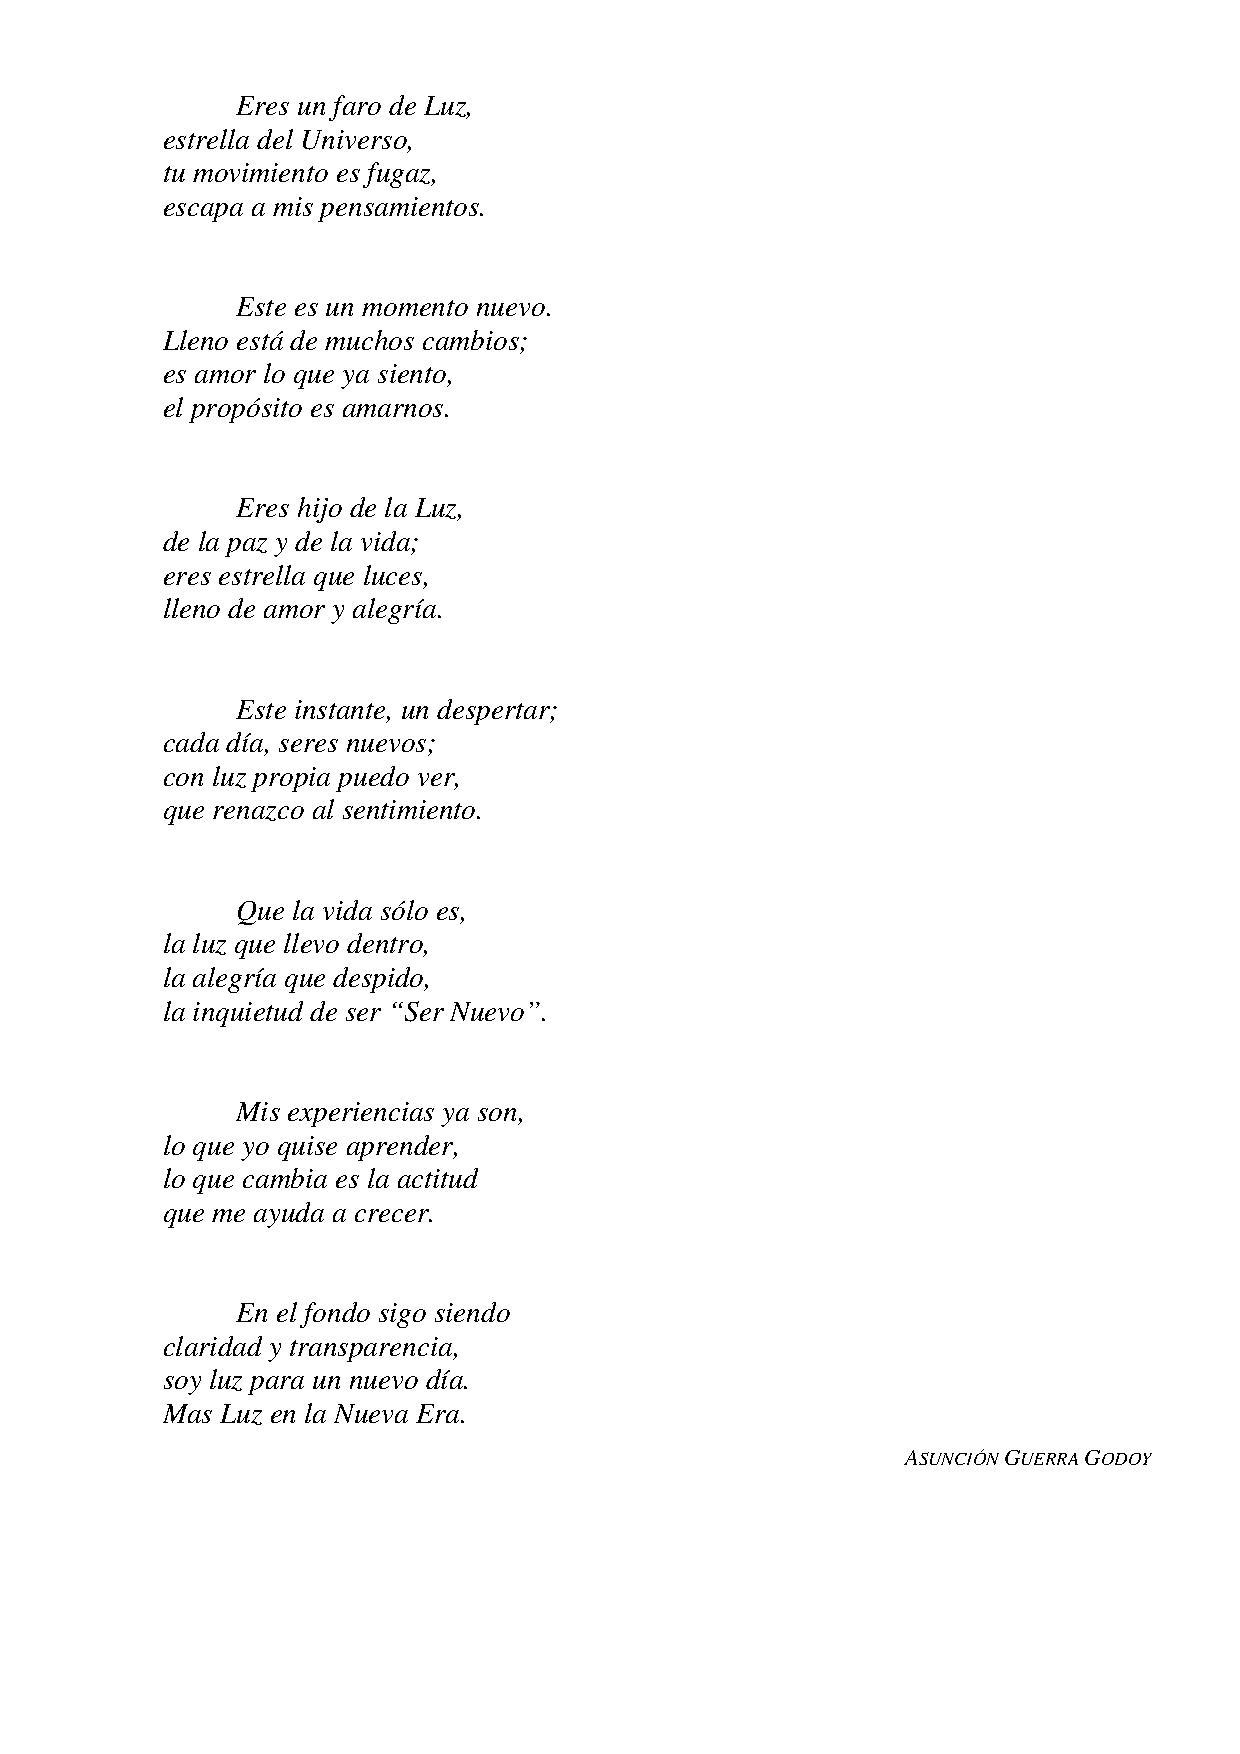 Textos_Poesias__selección_9.jpg